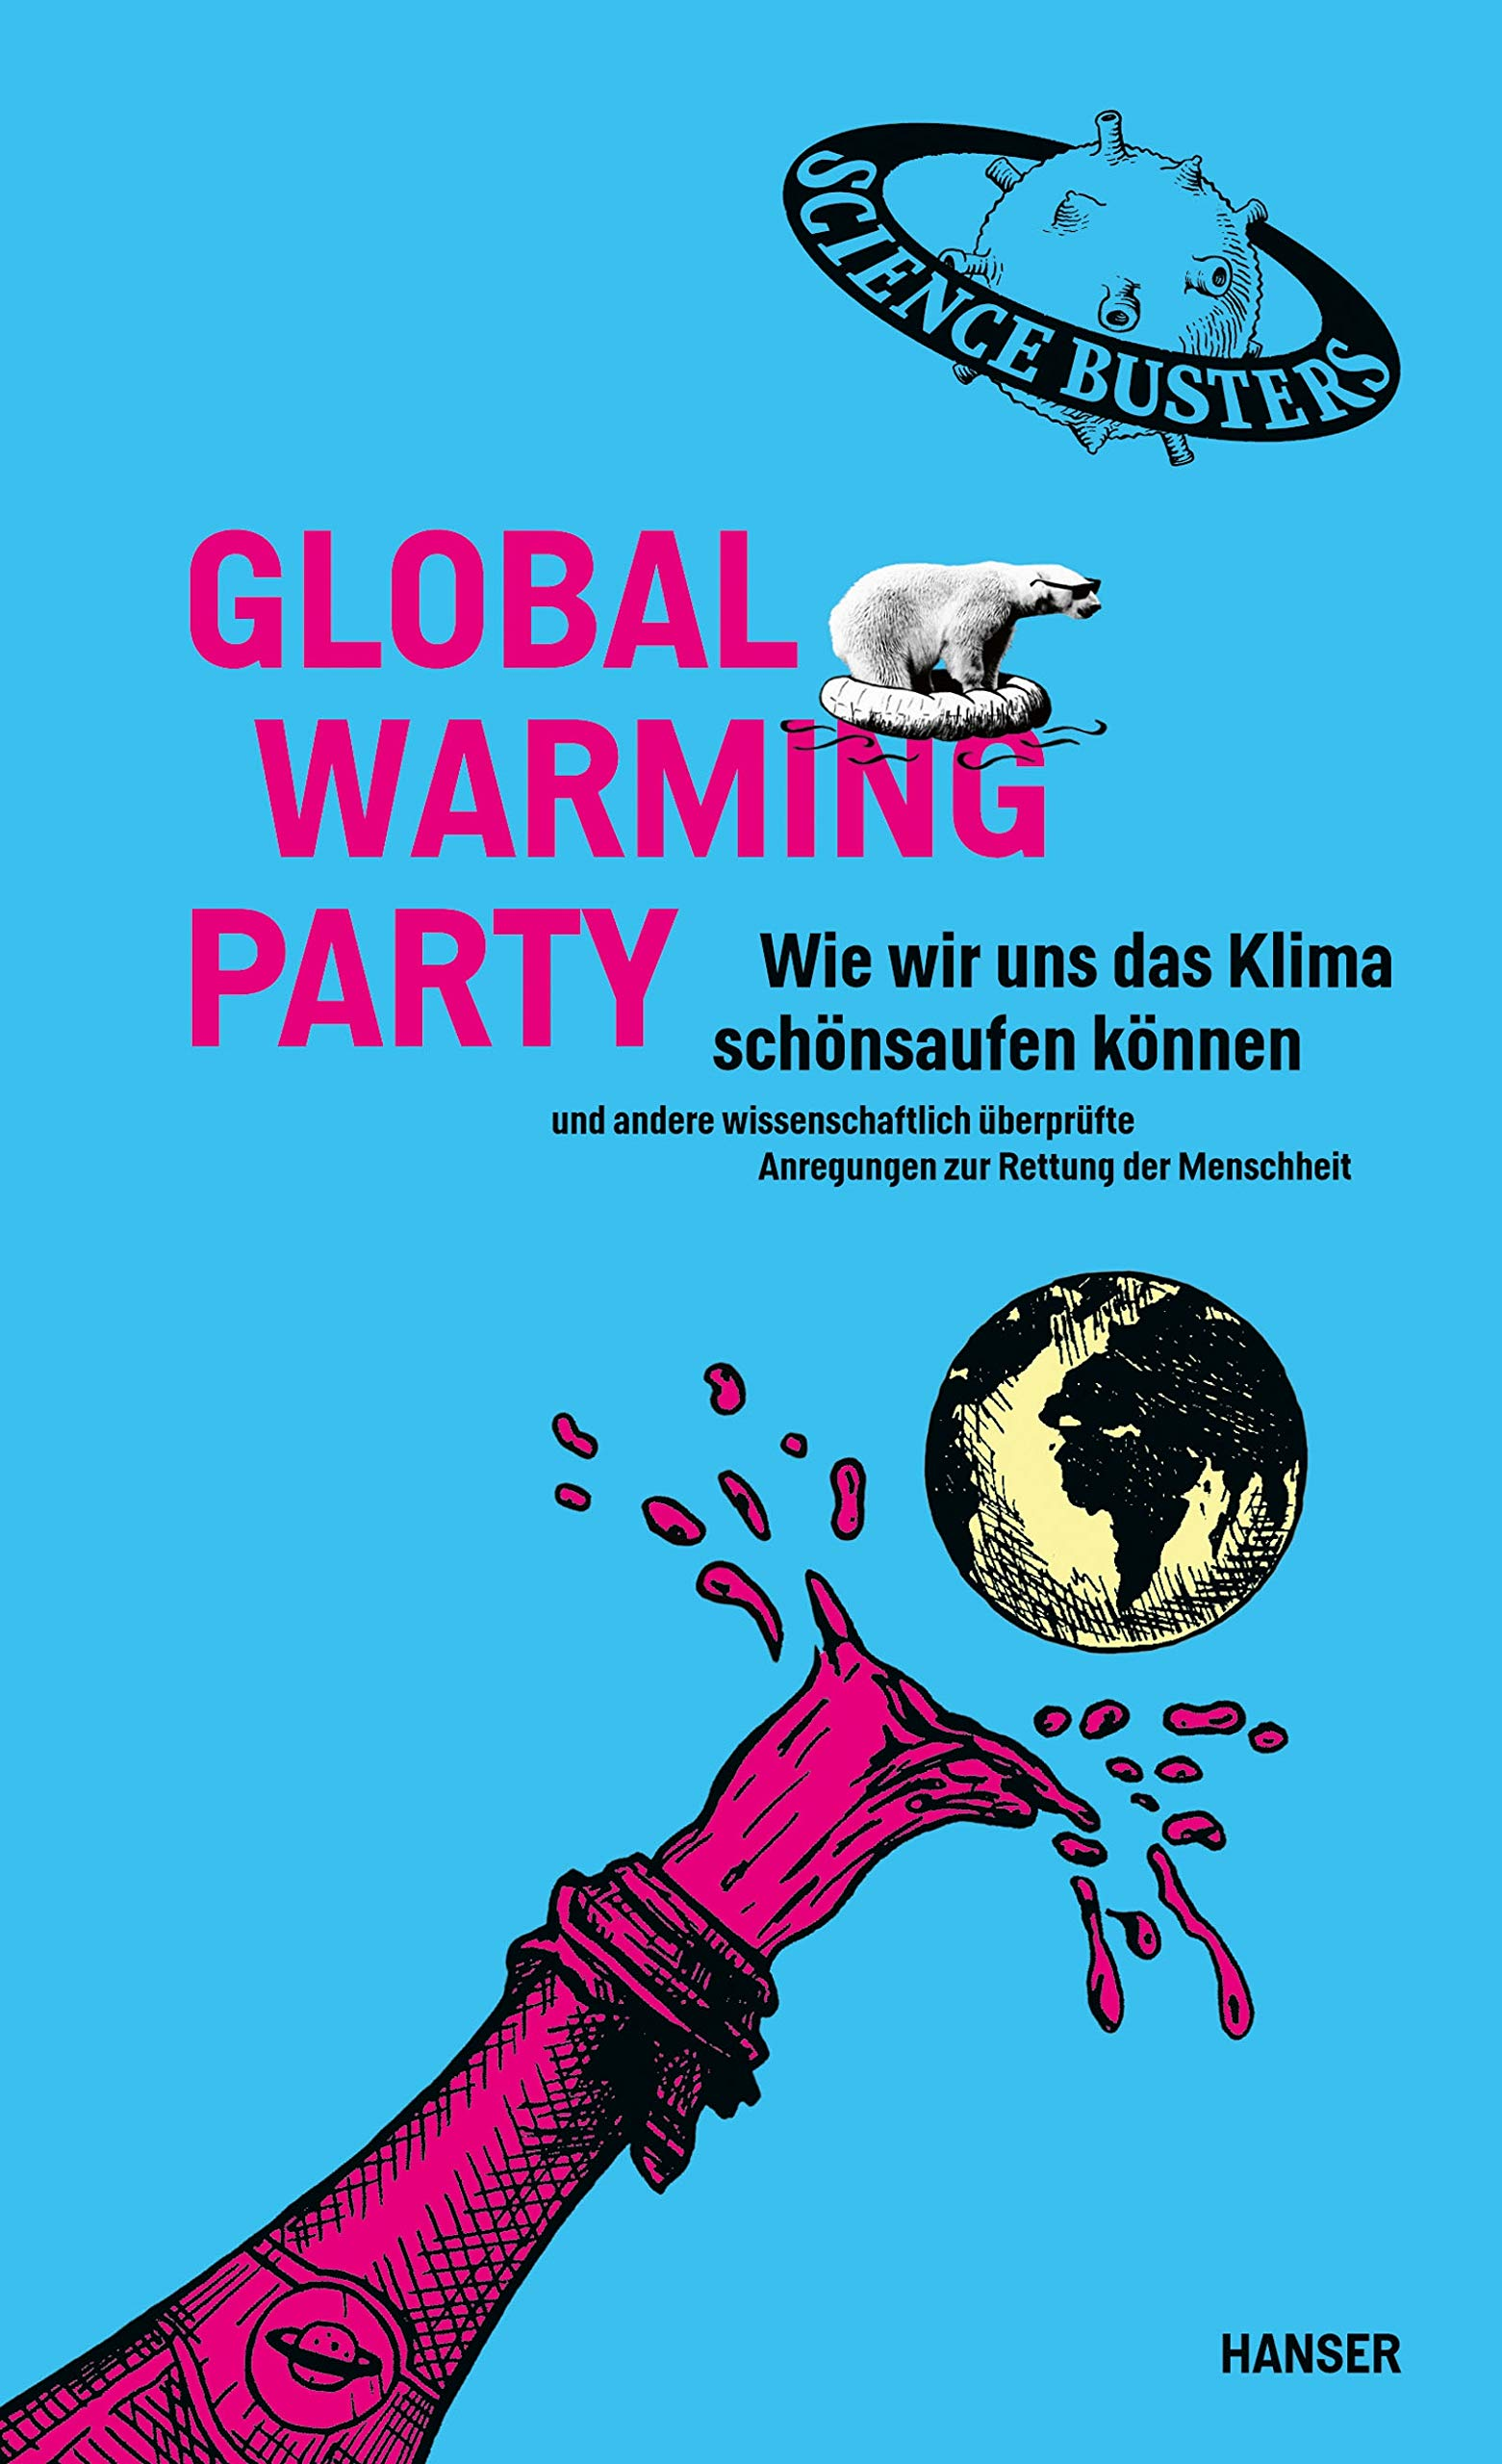 Global Warming Party: Wie wir uns das Klima schönsaufen können und andere wissenschaftlich überprüfte Anregungen zur Rettung der Menschheit